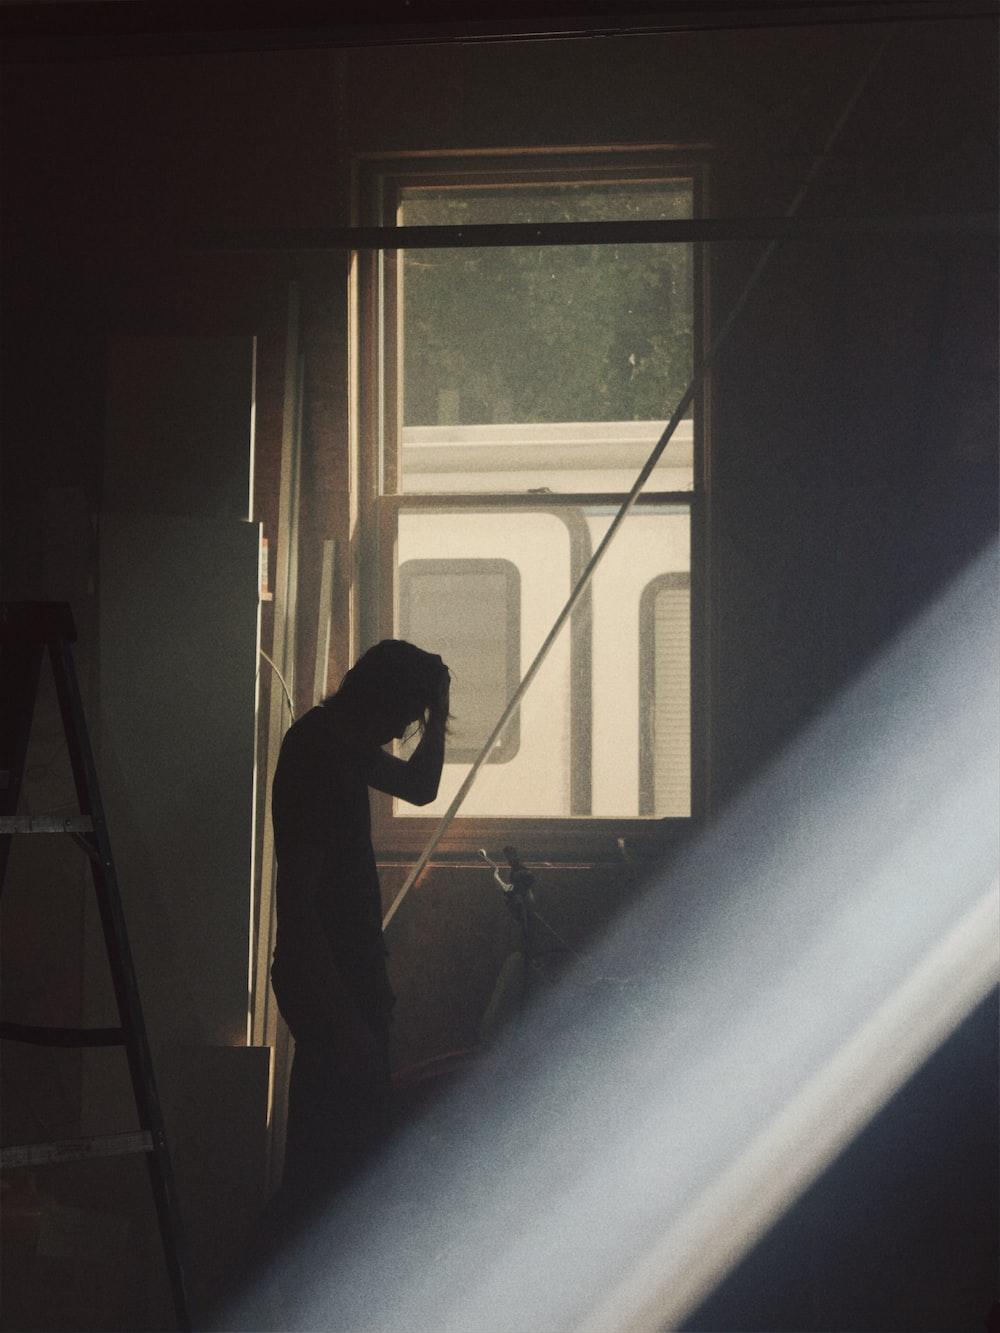 man by a window